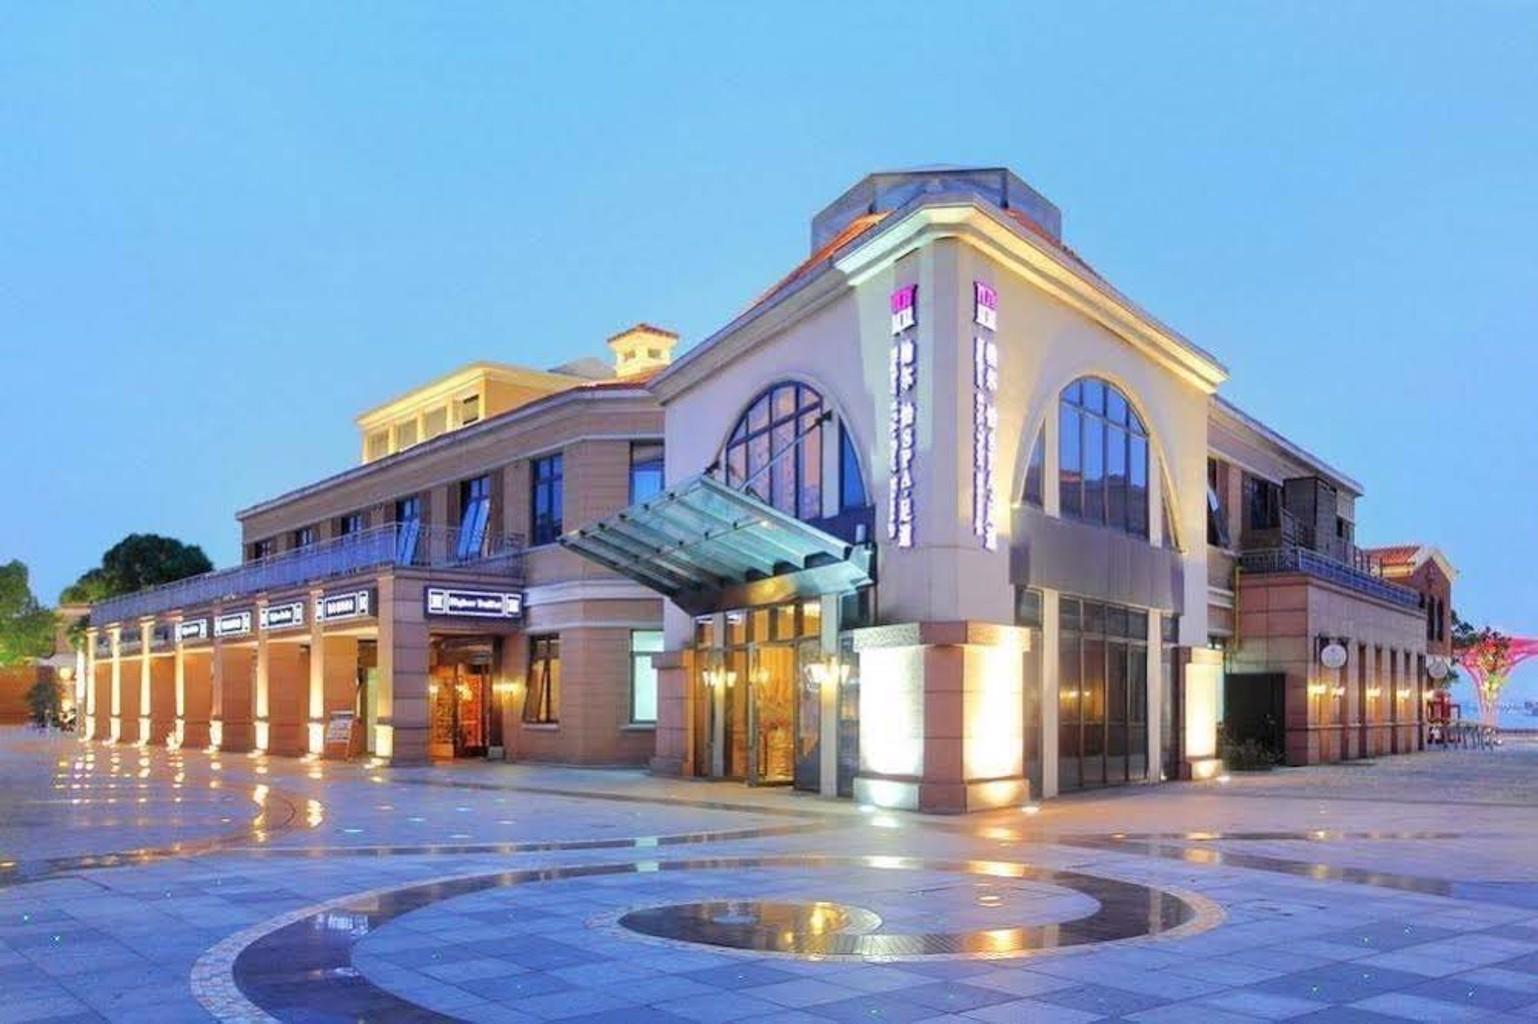 Higher Hotel Suzhou Moonlight Wharf